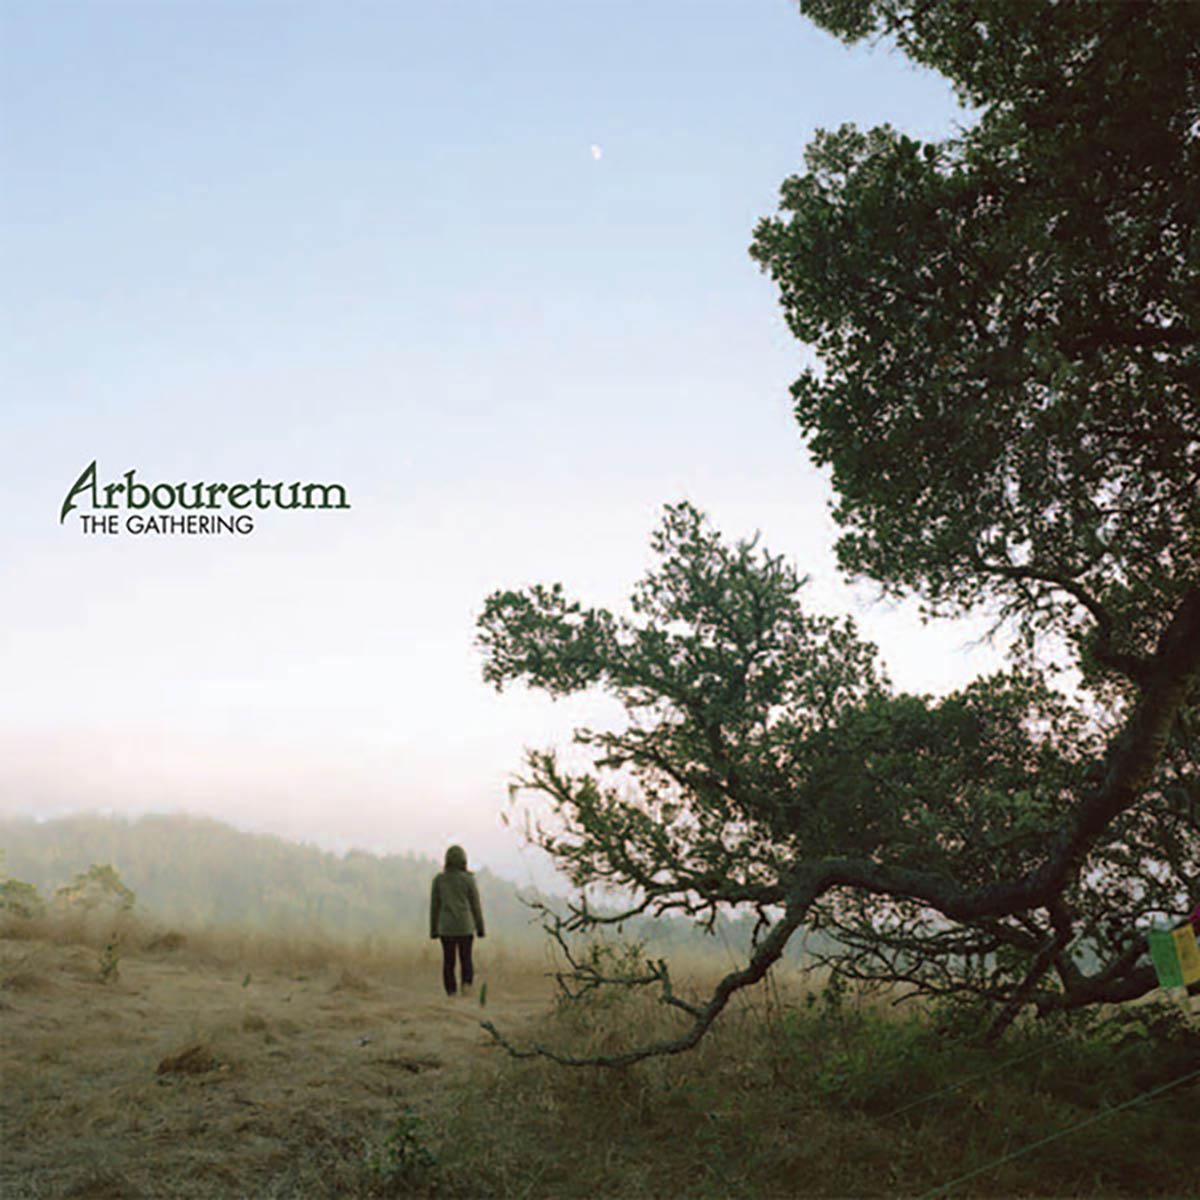 Arbouretum, The Gathering